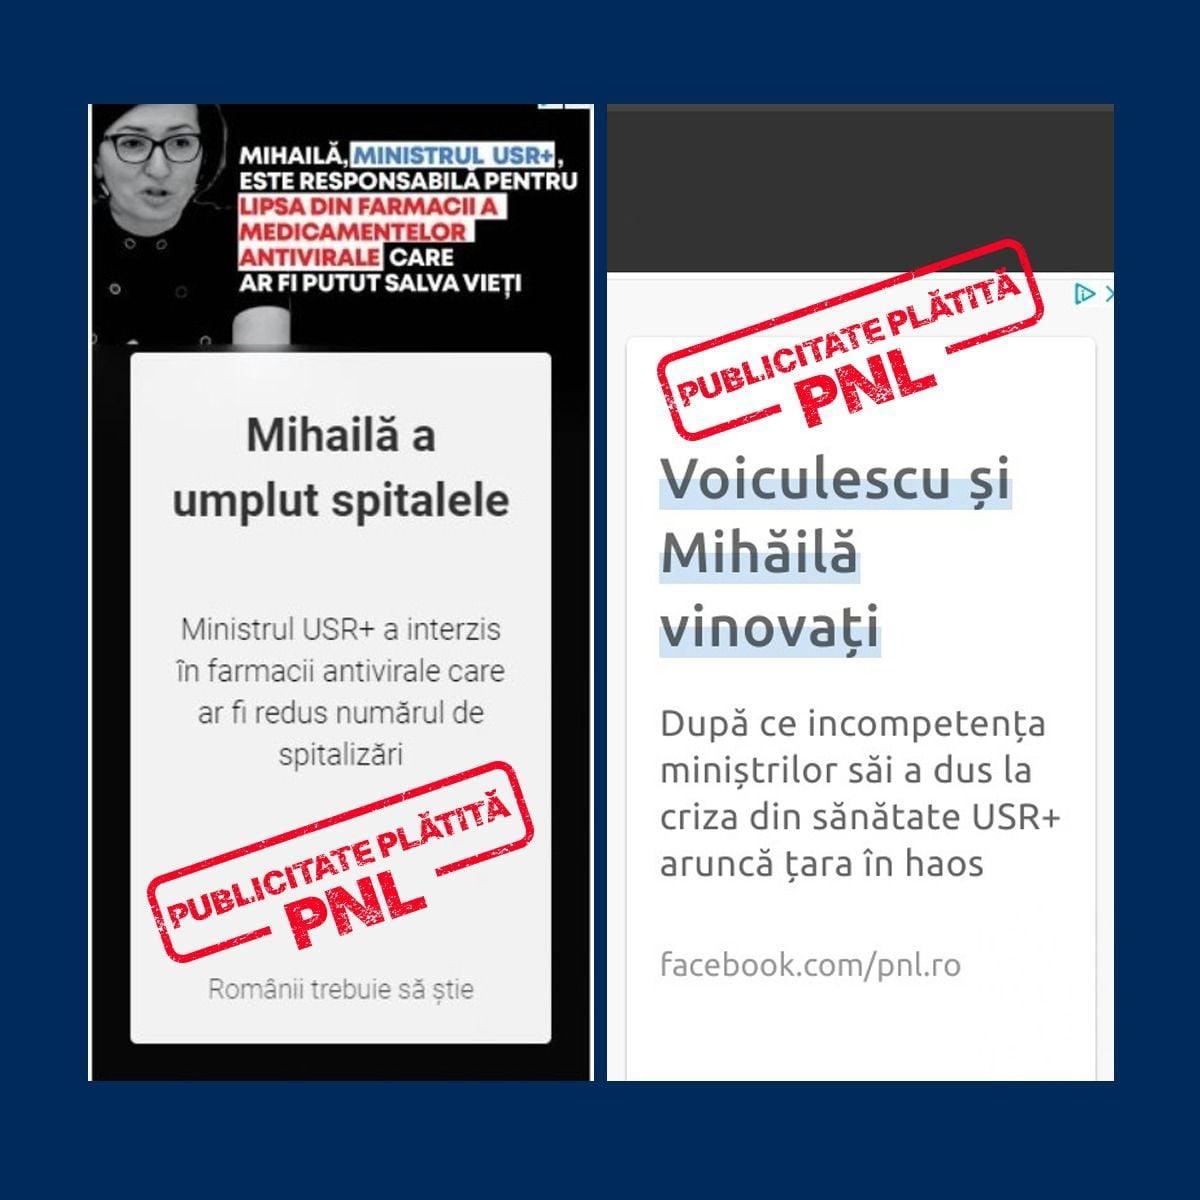 Cioloș acuză PNL că a folosit bani publici pentru o campanie împotriva lui Mihăilă și Voiculescu